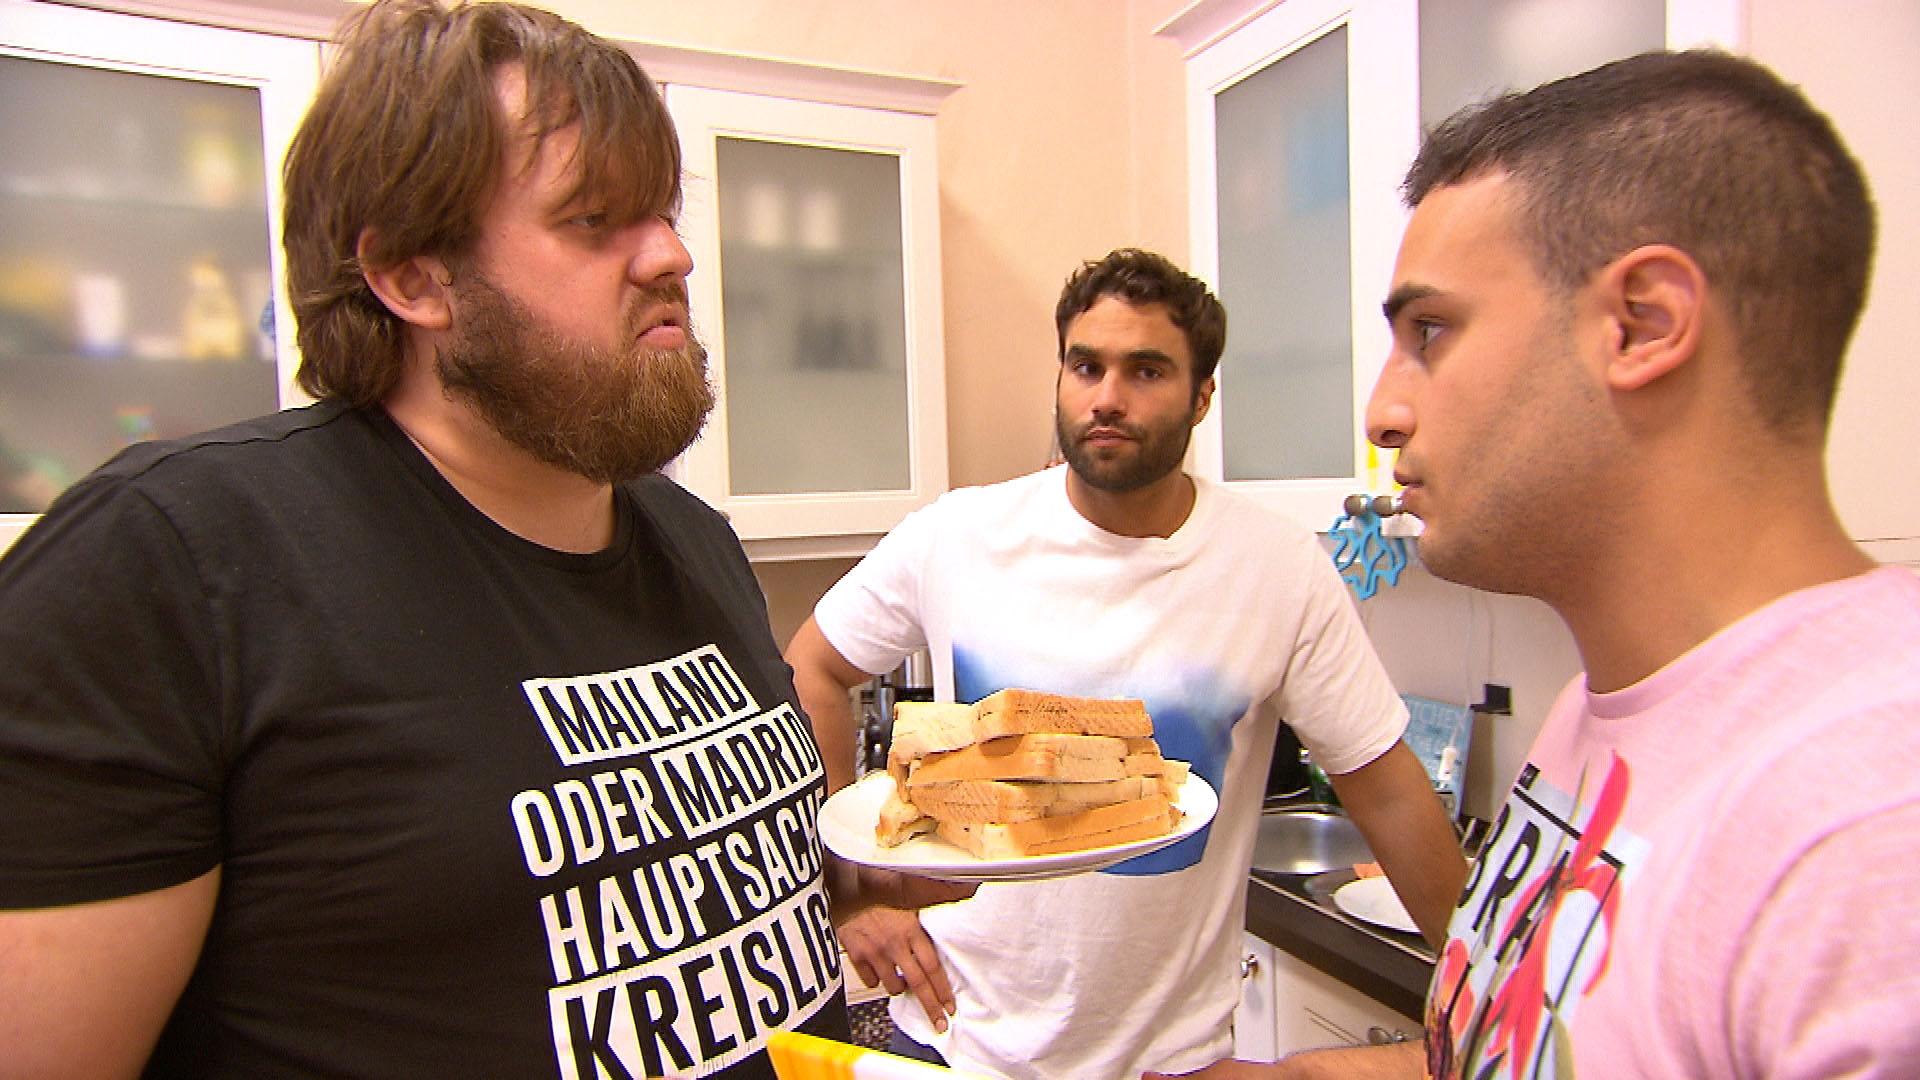 Cem (re.) und Diego (mi.) wollen eigentlich Jans (li.) ungesunden Lebenswandel in Angriff nehmen, doch der hält nichts davon... (Quelle: RTL 2)